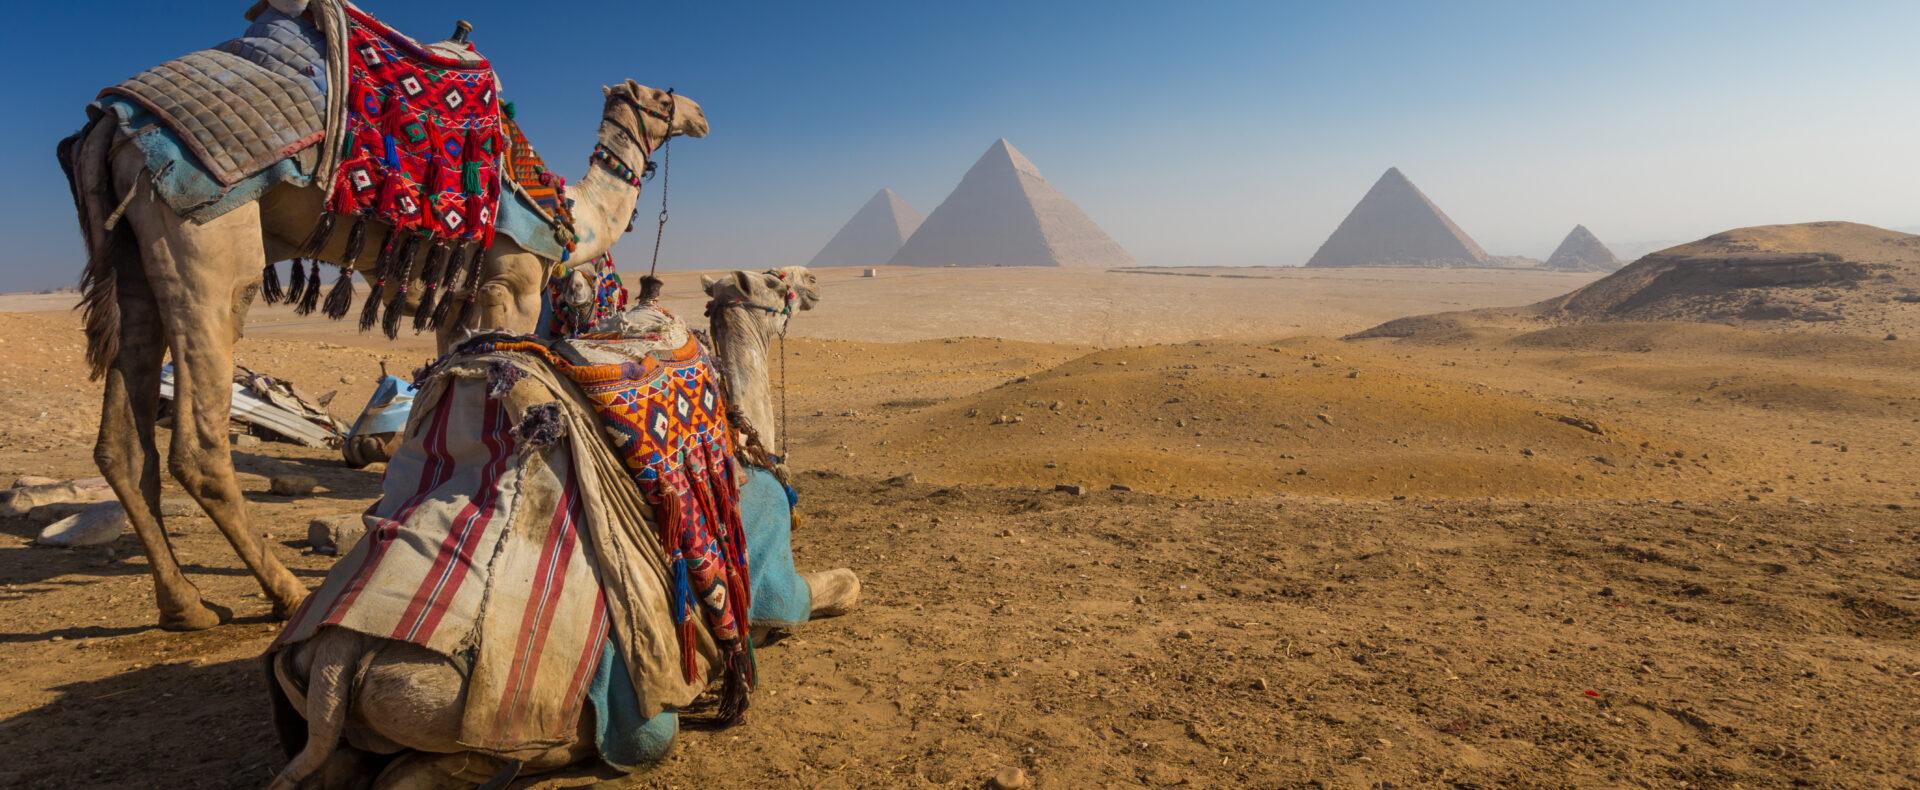 Екскурсійні тури  ЄГИПЕТ  від  8500 грн    (ALL INCLUSIVE)